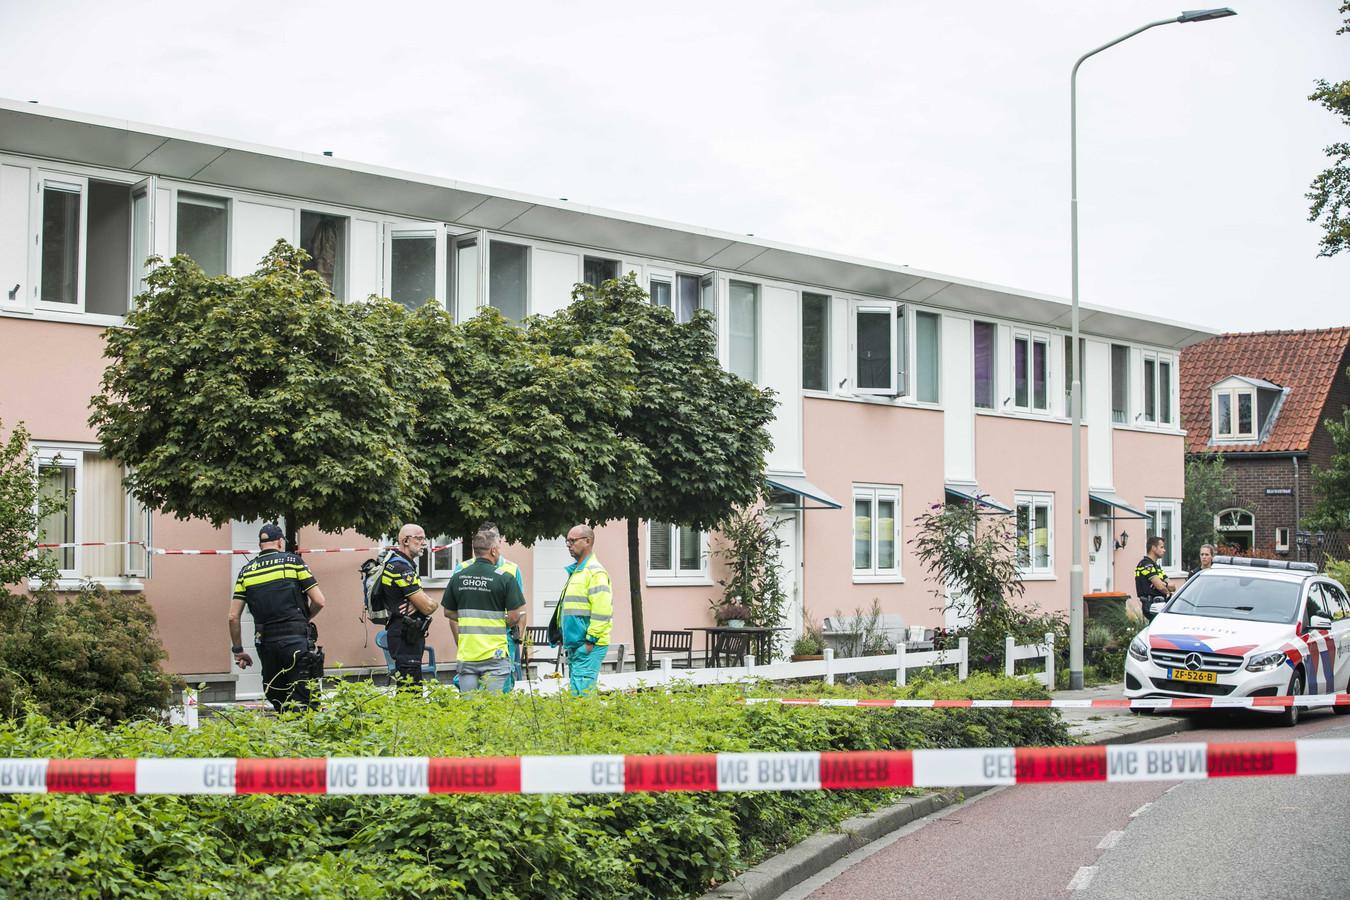 Hulpverleners bij de woning in Doeburg waar een man door koolmonoxidevergiftiging om het leven is gekomen.